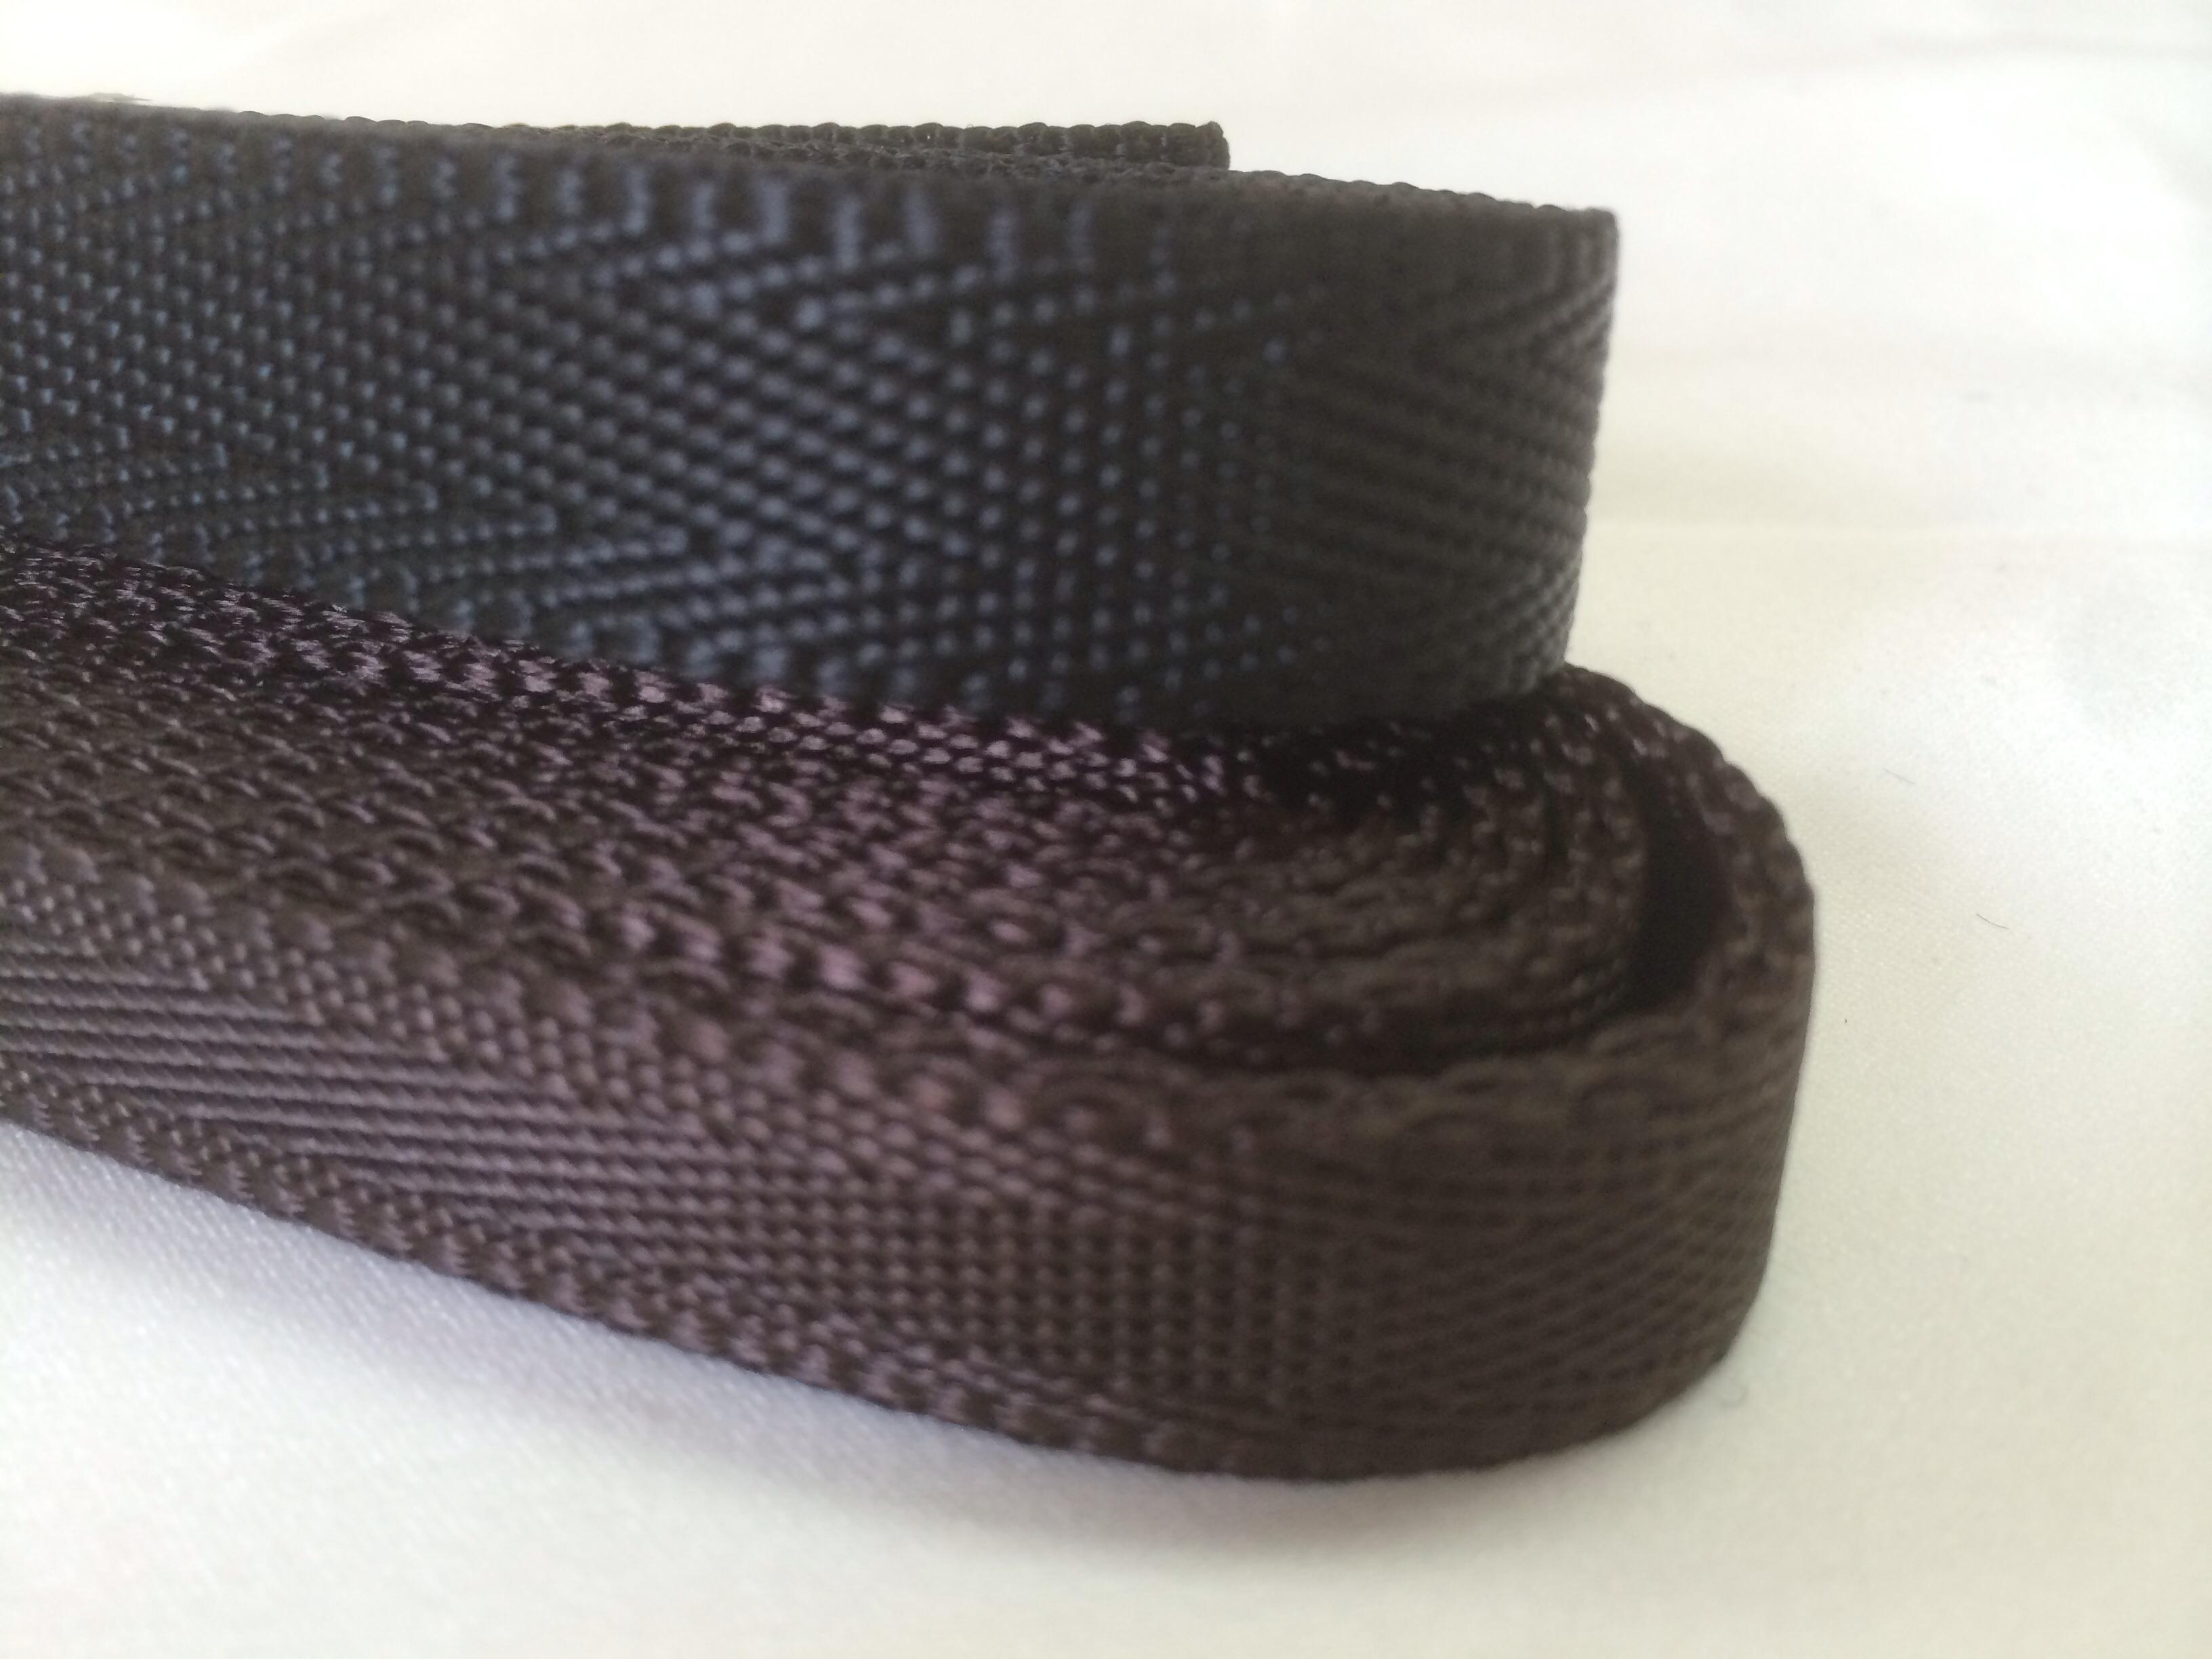 ナイロン ベルト シート織 15mm幅 1.3mm厚 5m 黒